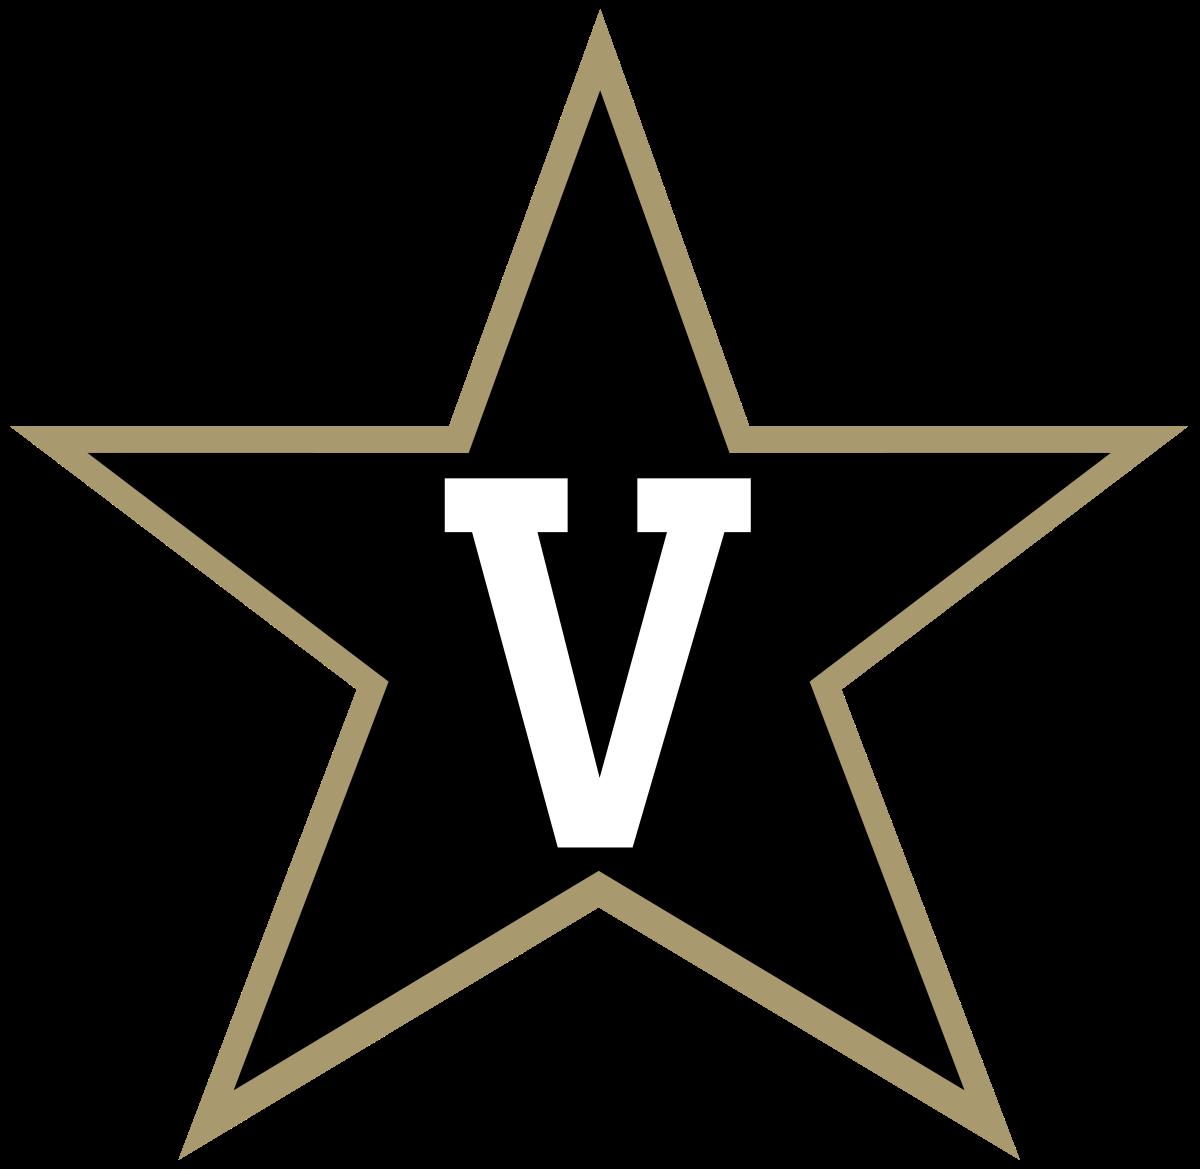 Vanderbilt commodores mascot clipart clip art royalty free download Vanderbilt Commodores - Wikipedia clip art royalty free download